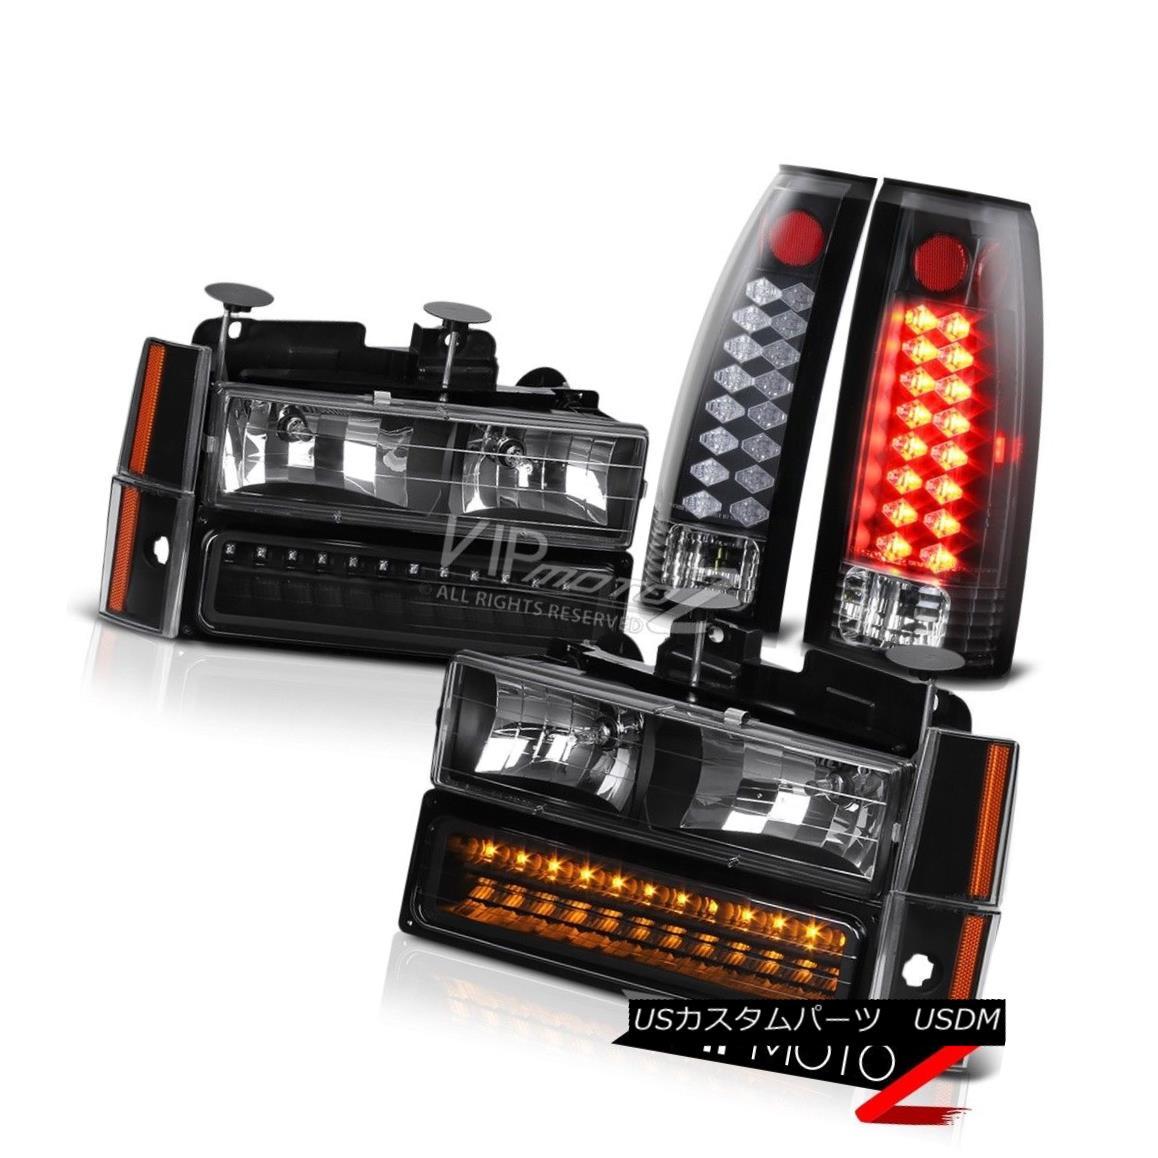 テールライト [QUALITY] LED Rear Tail Lights Assembly+8PC Front Headlight Parking Bumper Lamp [品質] LEDリアテールライトアセンブリ+ 8PCフロントヘッドライトパーキングバンパーランプ